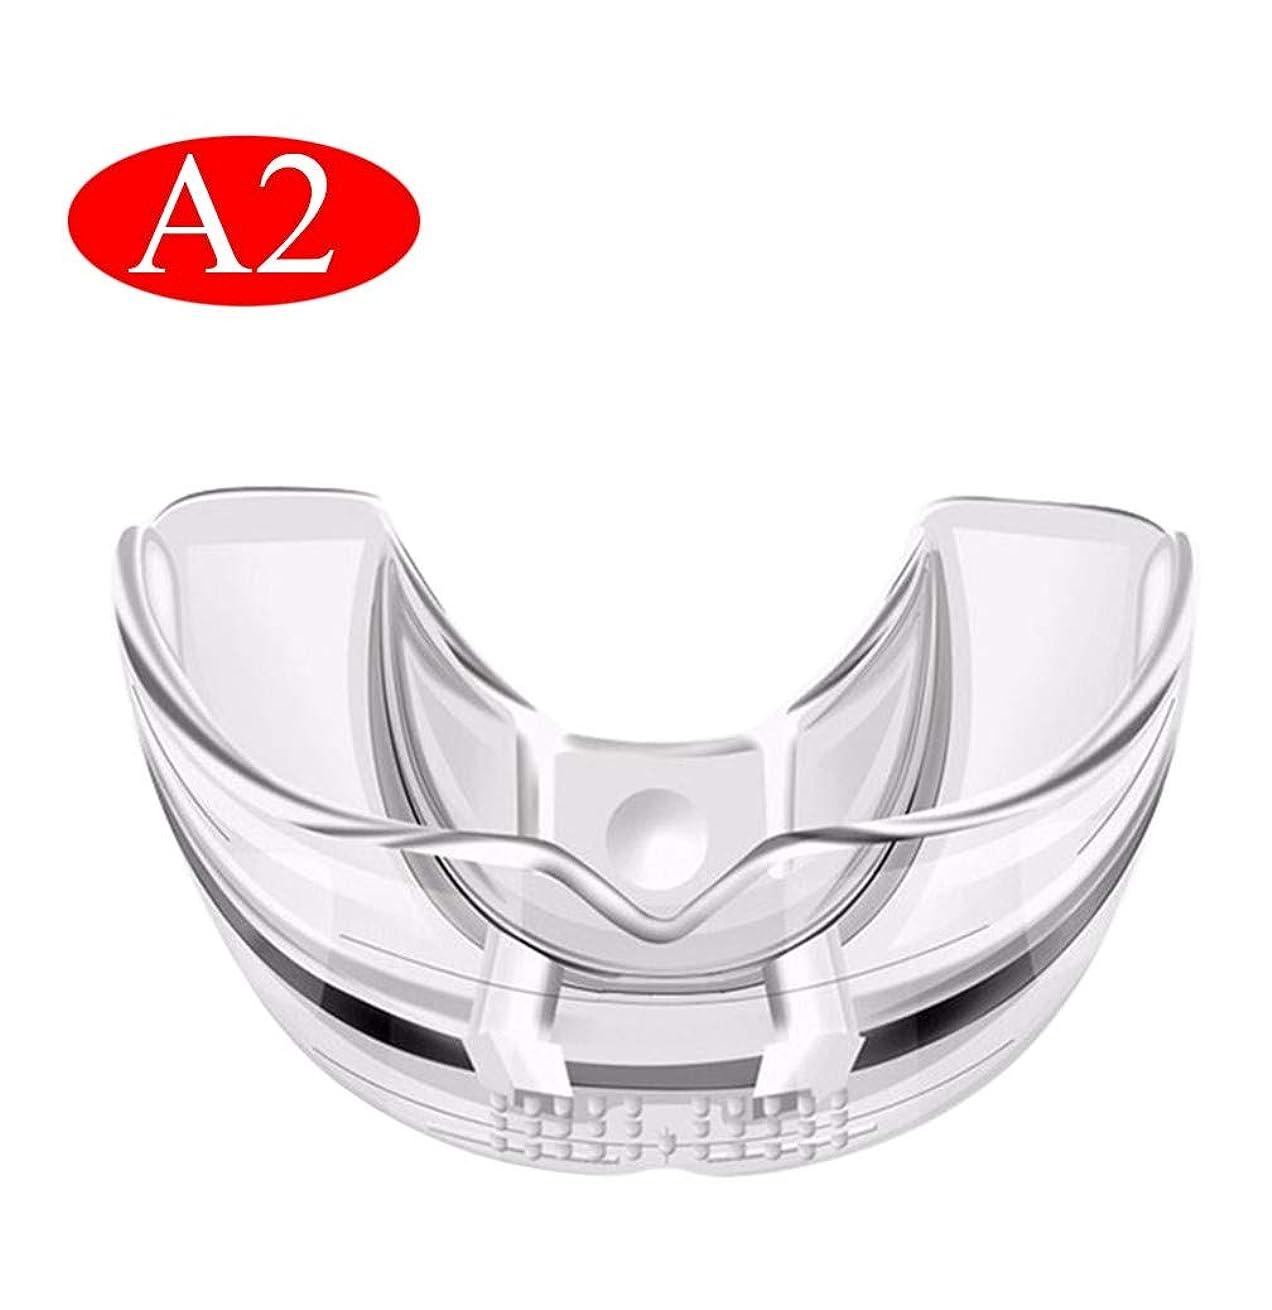 敵意みジャベスウィルソン歯列矯正用リテーナー、目に見えない歯列矯正用トレーナーアタッチメントのアライメントに使用するツールを使用しない、(3段階はオプション)